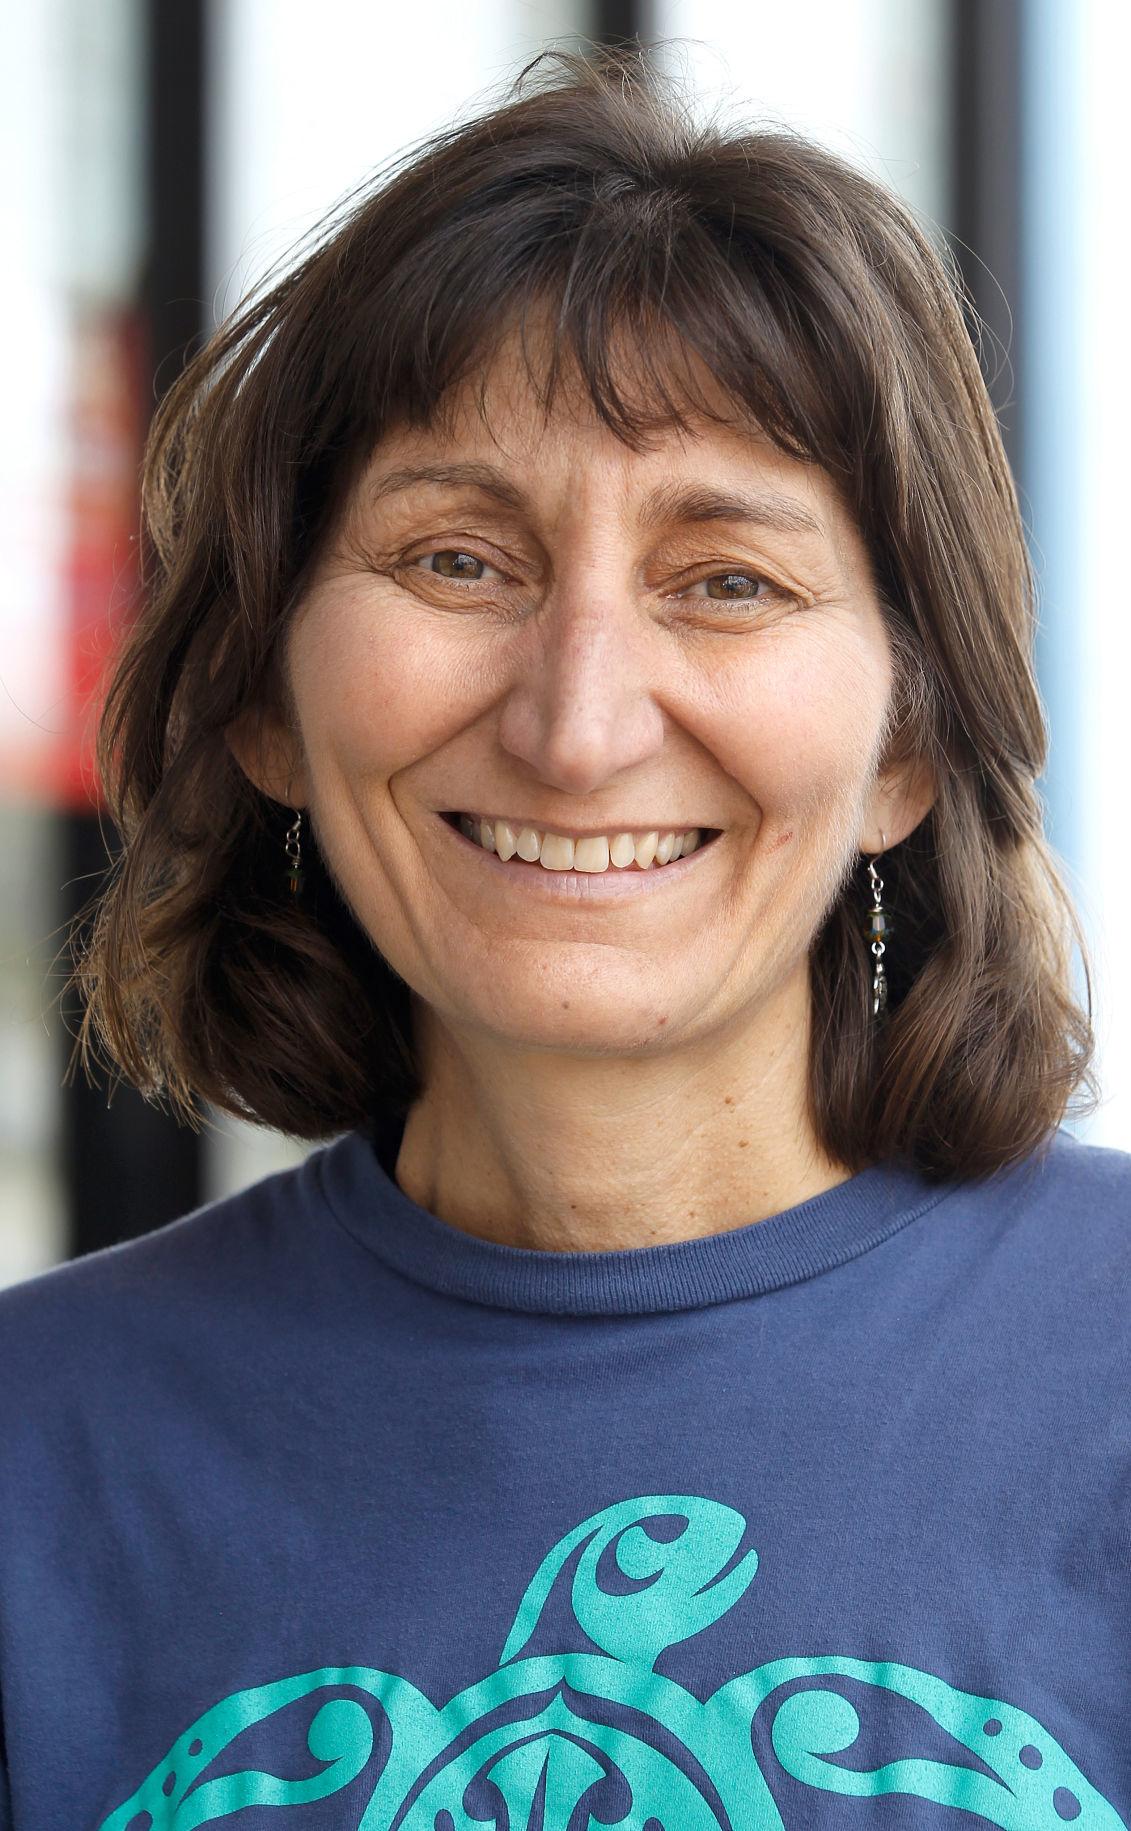 Joanie Steinhaus